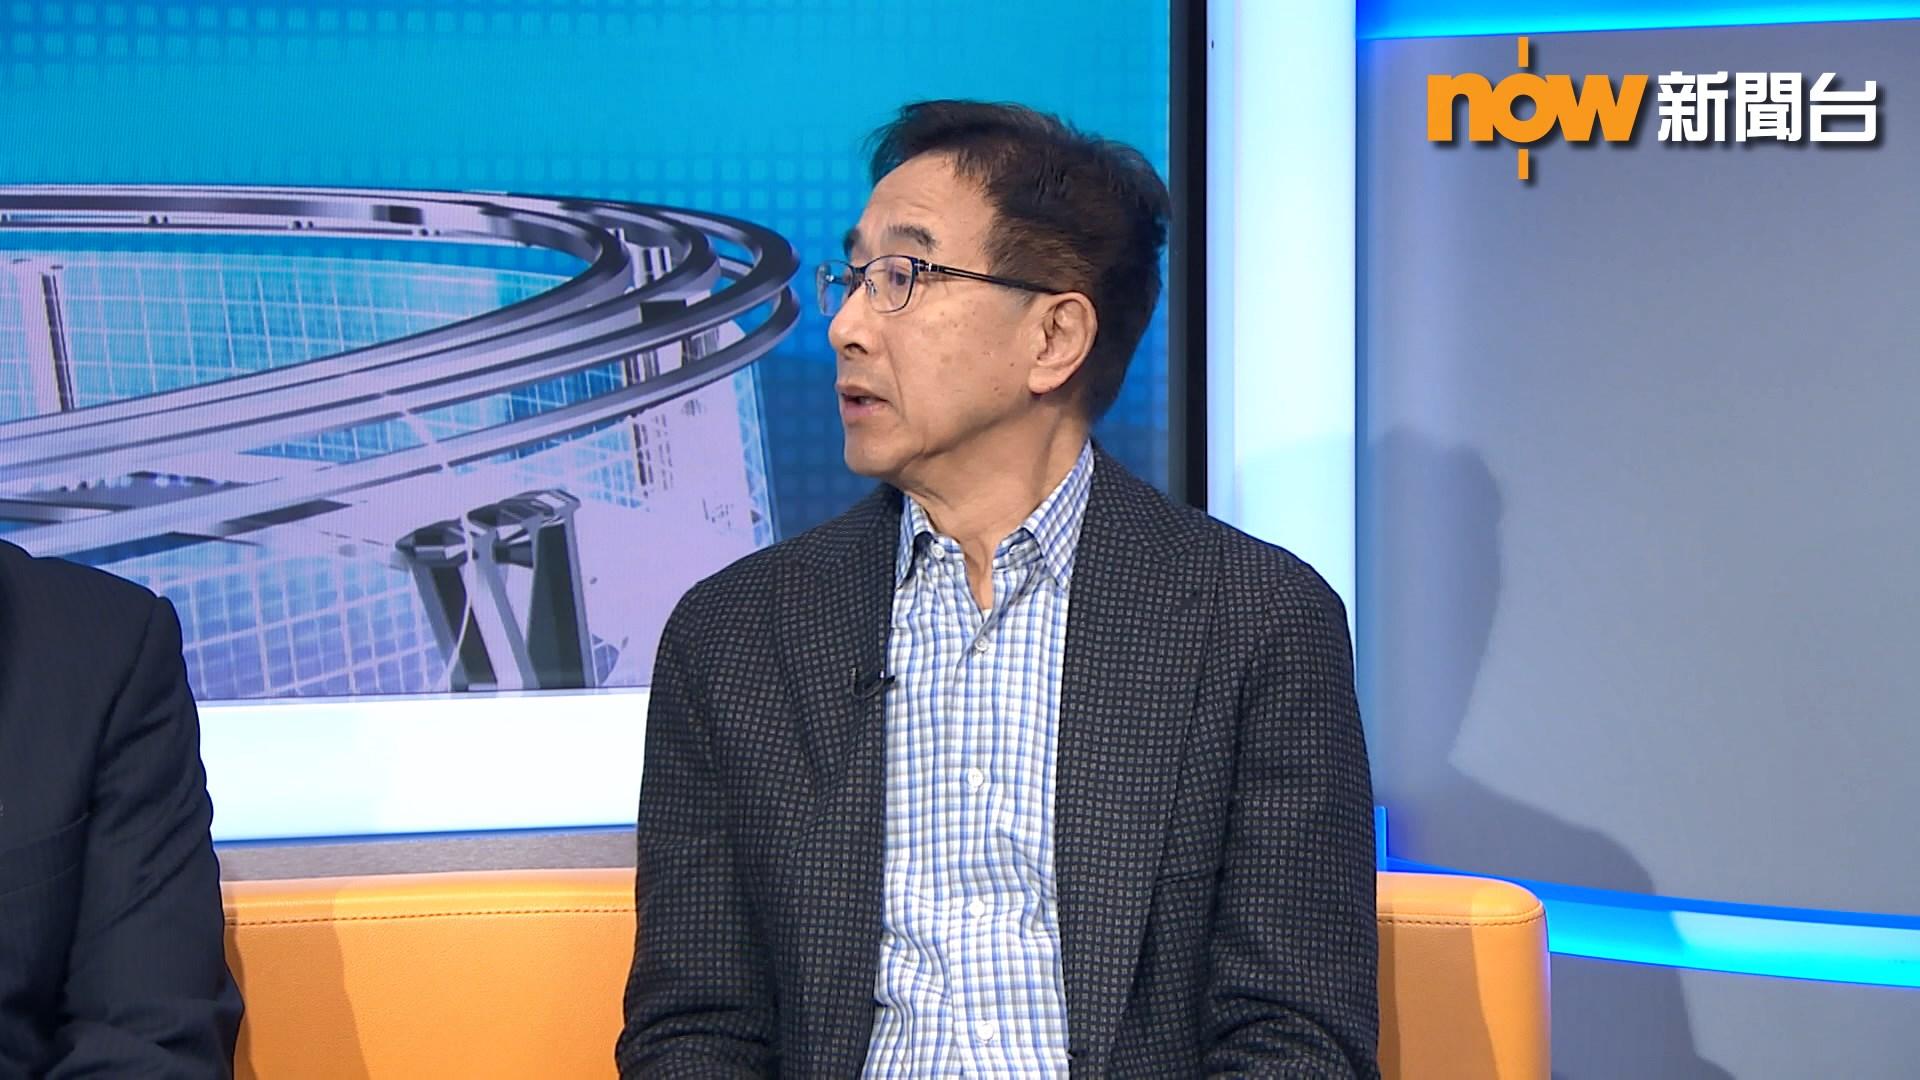 田北俊建議修訂移交逃犯條例收窄適用範圍